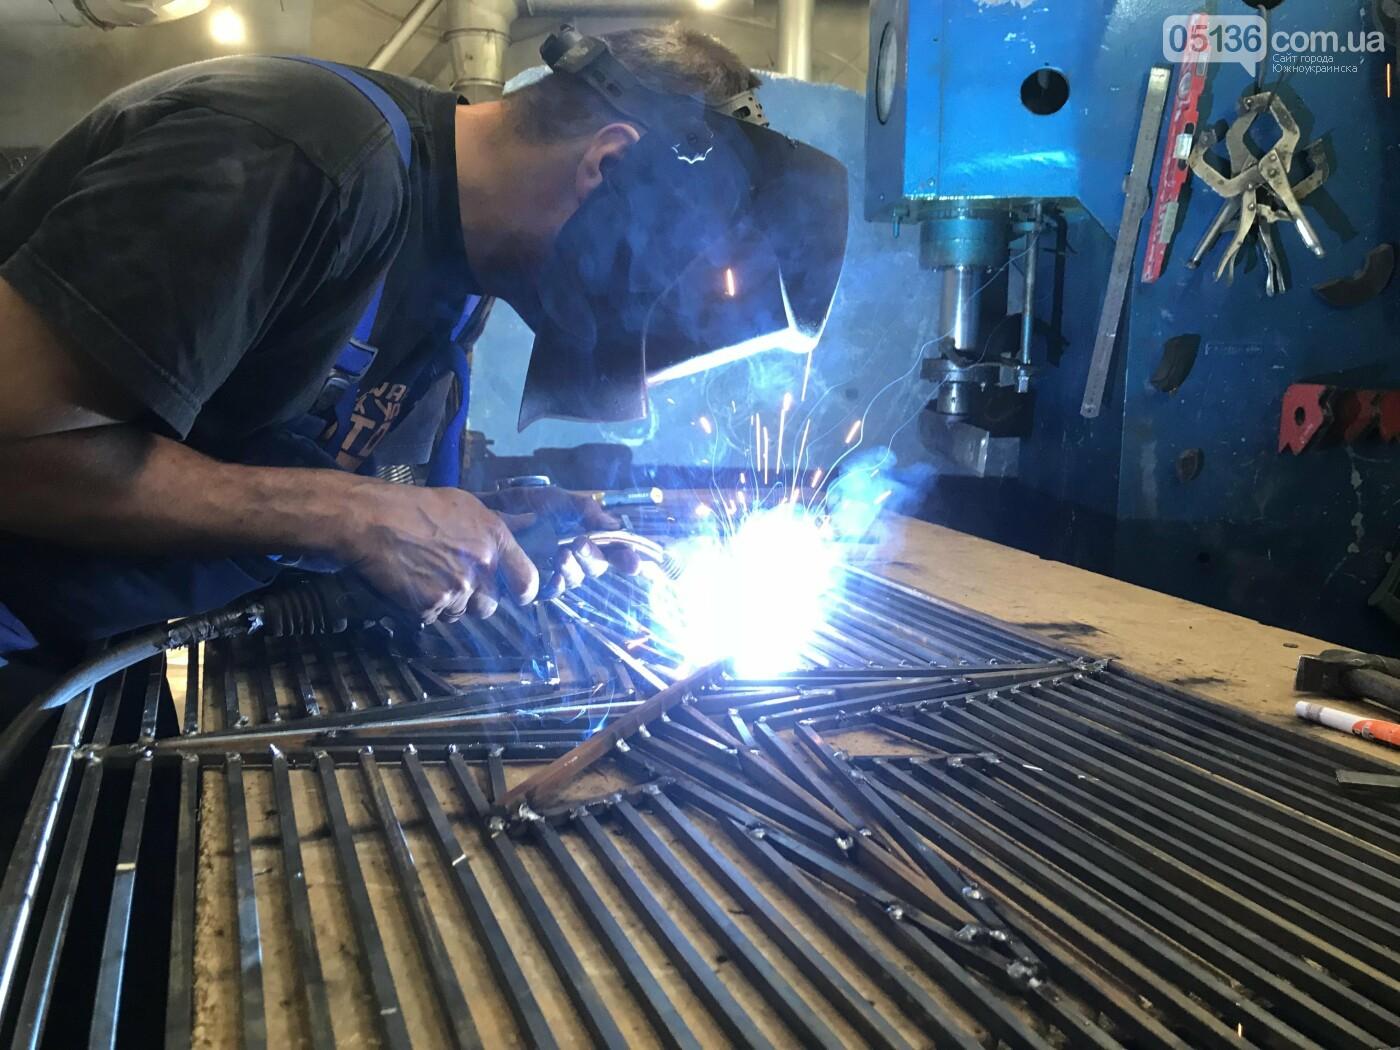 Изготовление и монтаж металлоконструкций, фото-15